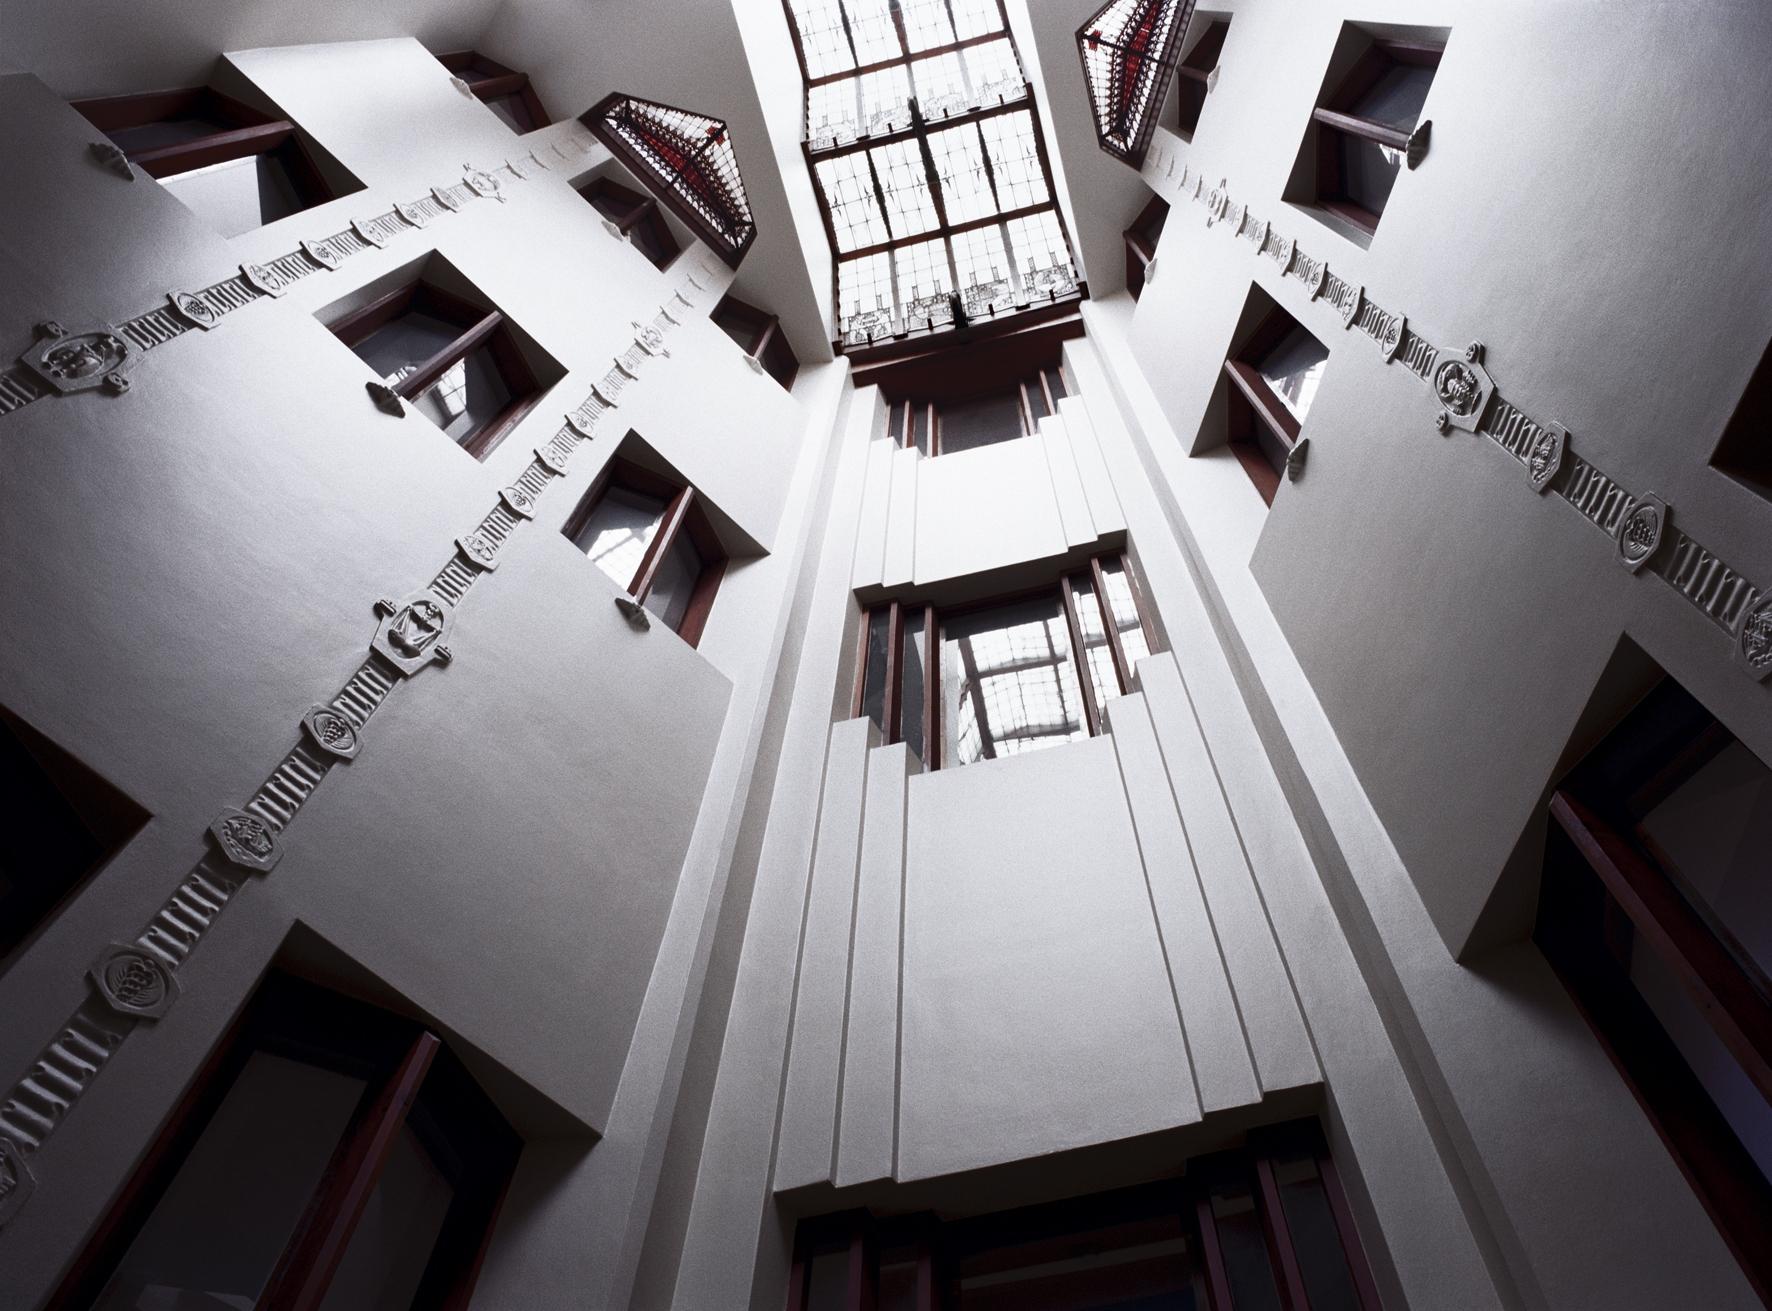 Scheepvaarthuis_Amsterdam_interieur_trappenhuis